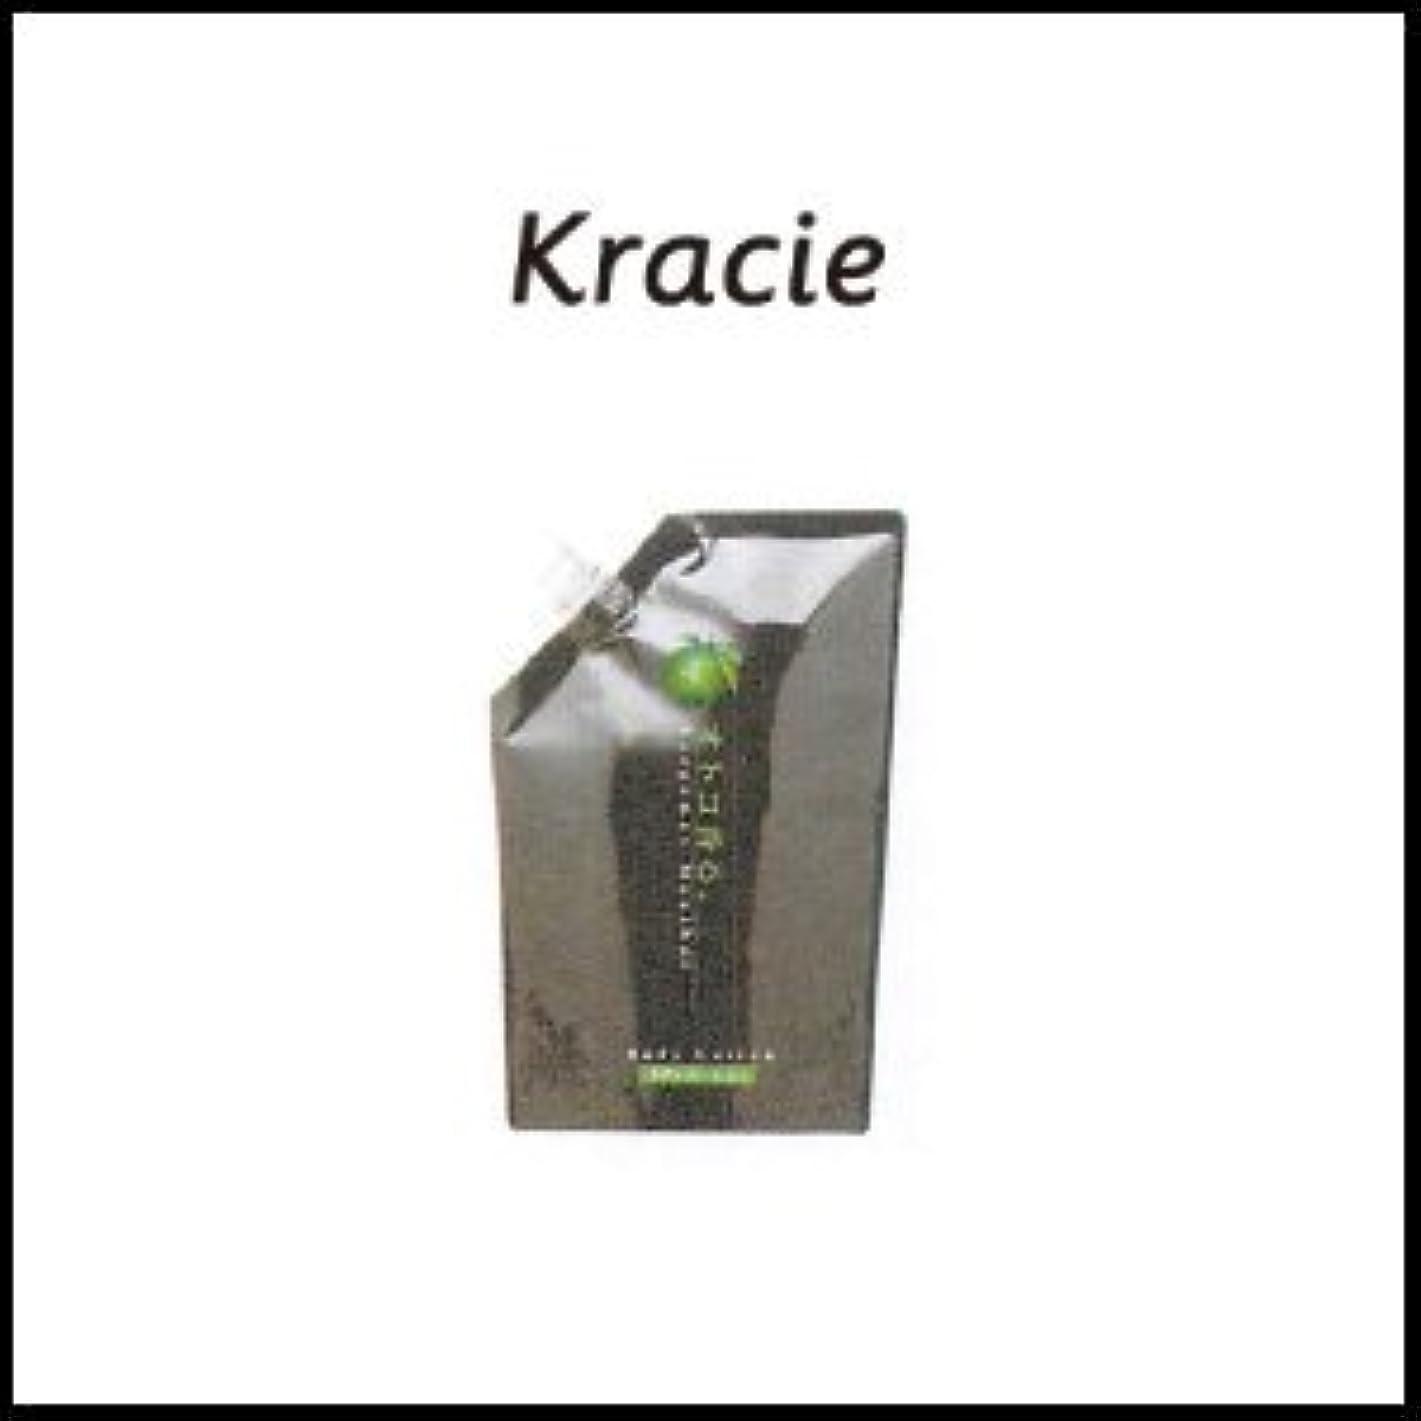 浸漬反抗文献クラシエ オトコ香る ボディローション(ベルガモット) 500ml 詰替え用(レフィル)